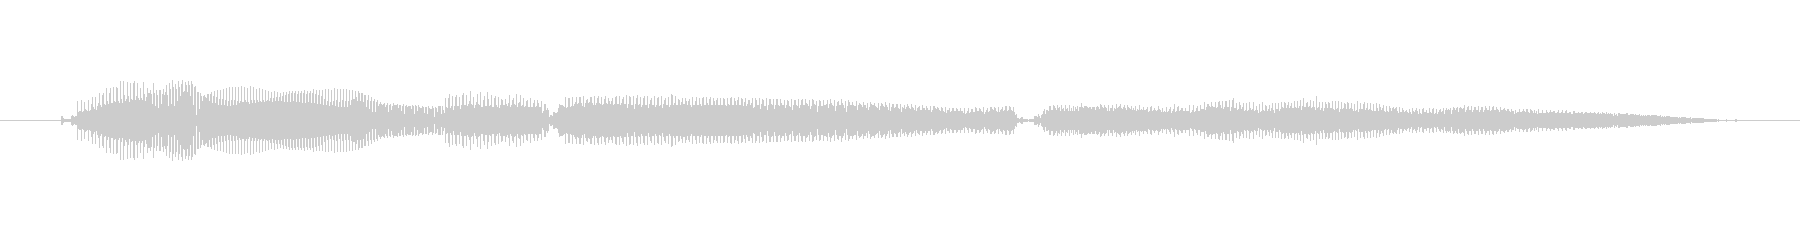 鳴き声 女性トークエルフィッシュ13の未再生の波形